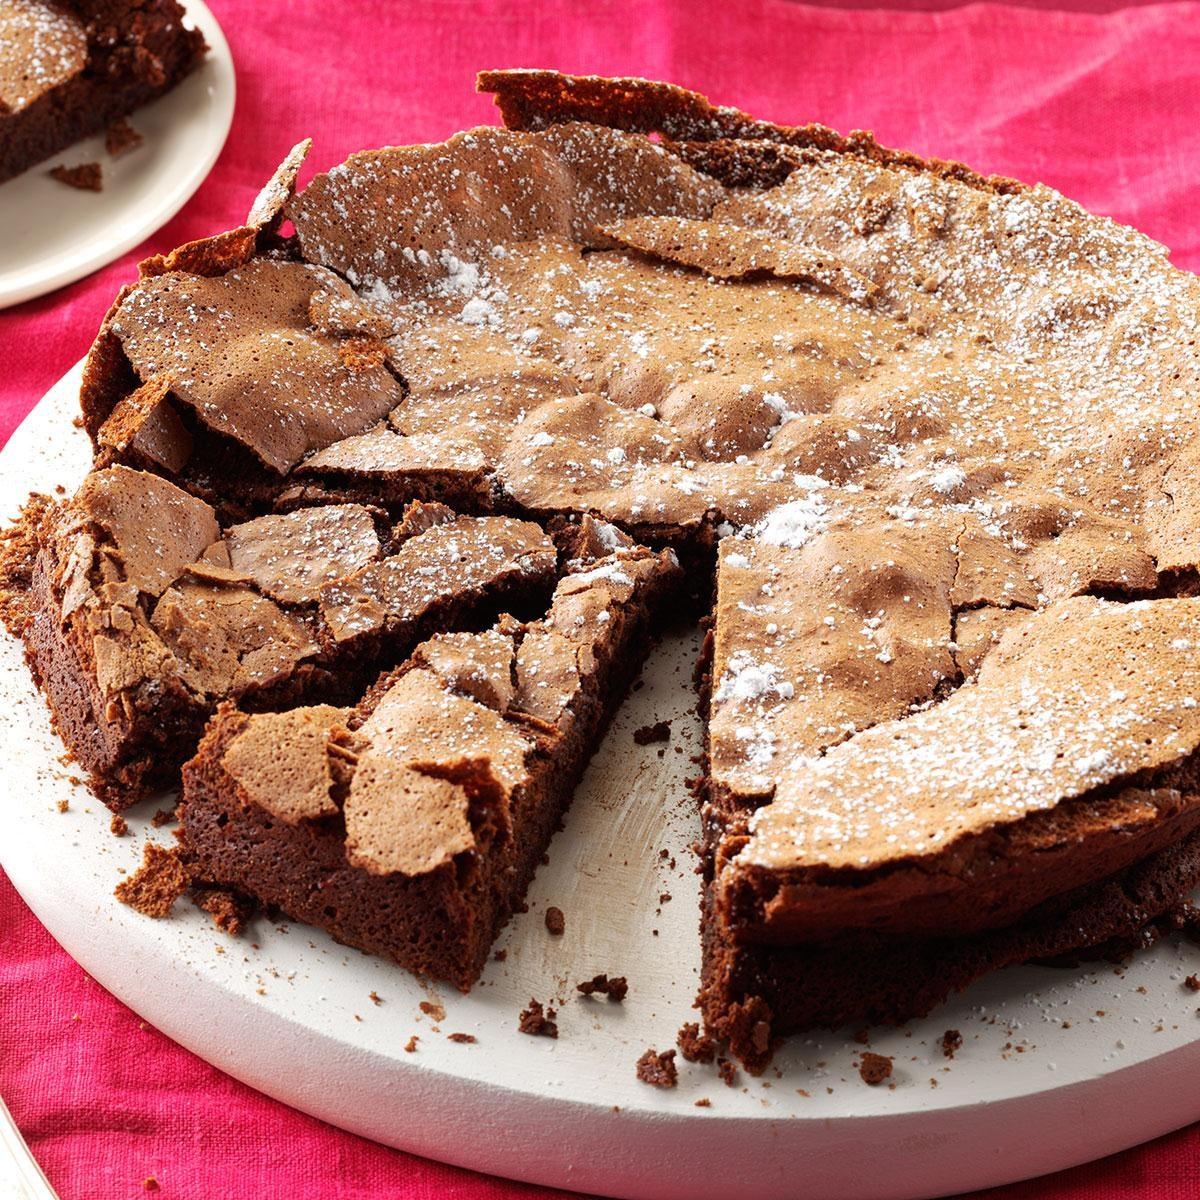 Flourless Dark Chocolate Cake Recipe